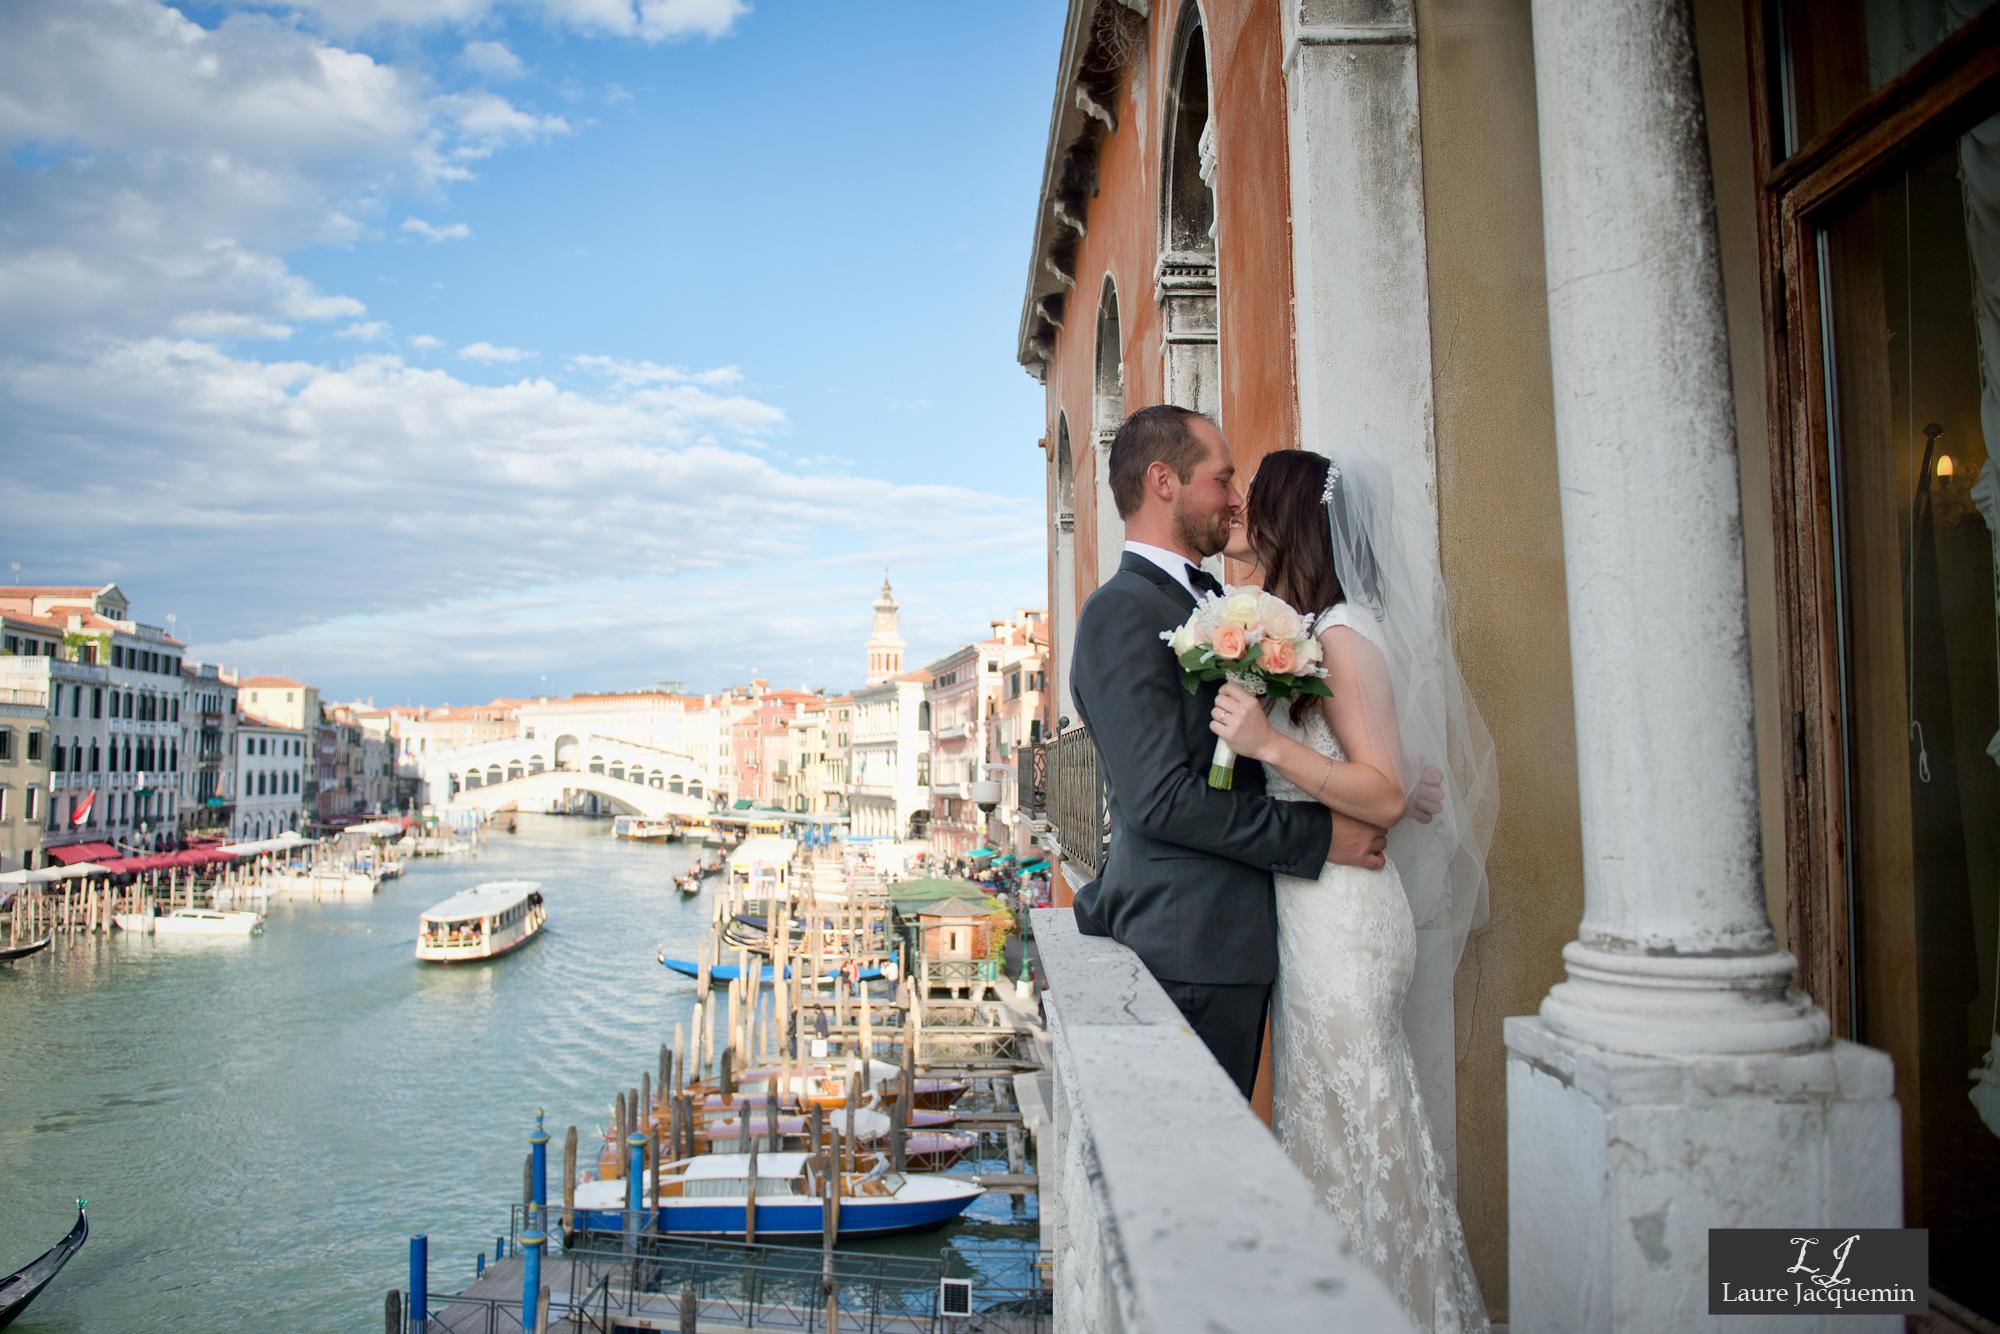 photographe mariage laure jacquemin palazzo cavalli service photographique (42)